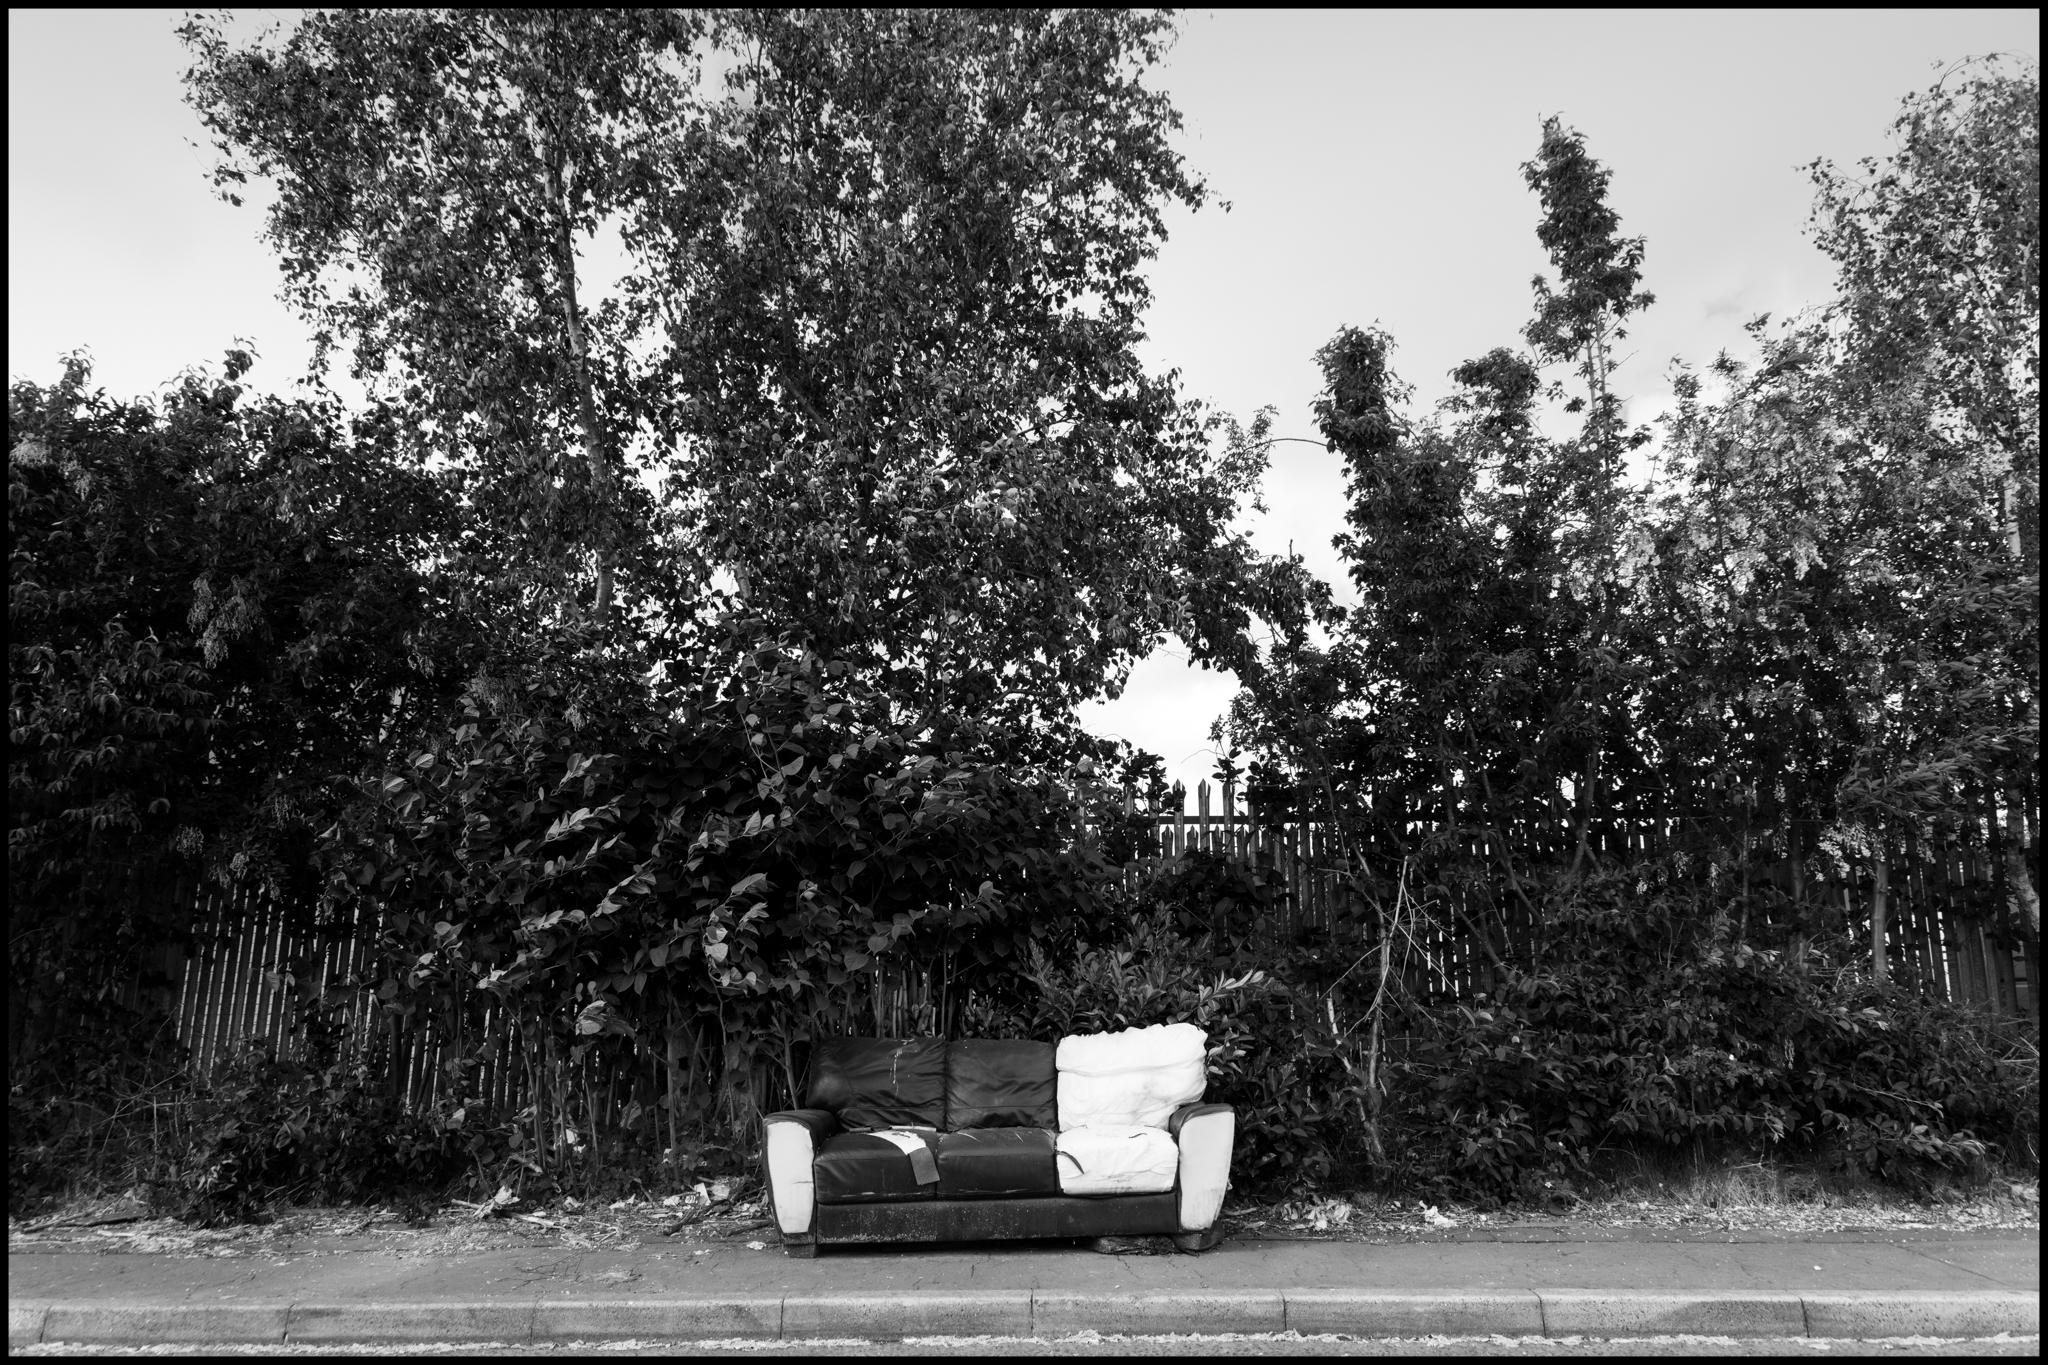 28 May 2019 - Old sofa, Salford UK